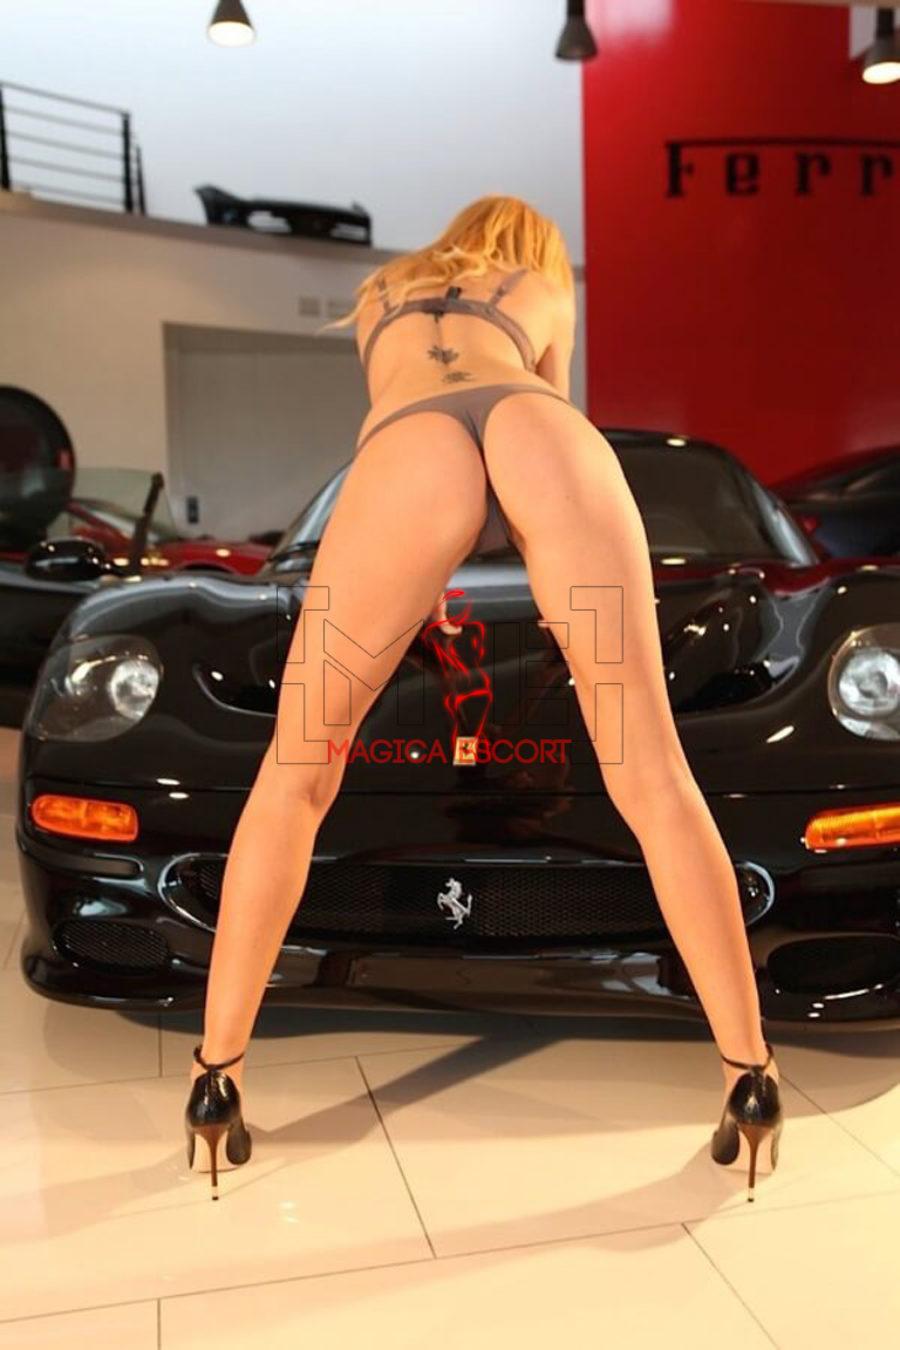 Mademoiselle Sofia top escort Brescia in posa erotica appoggiata ad una Ferrari nera.